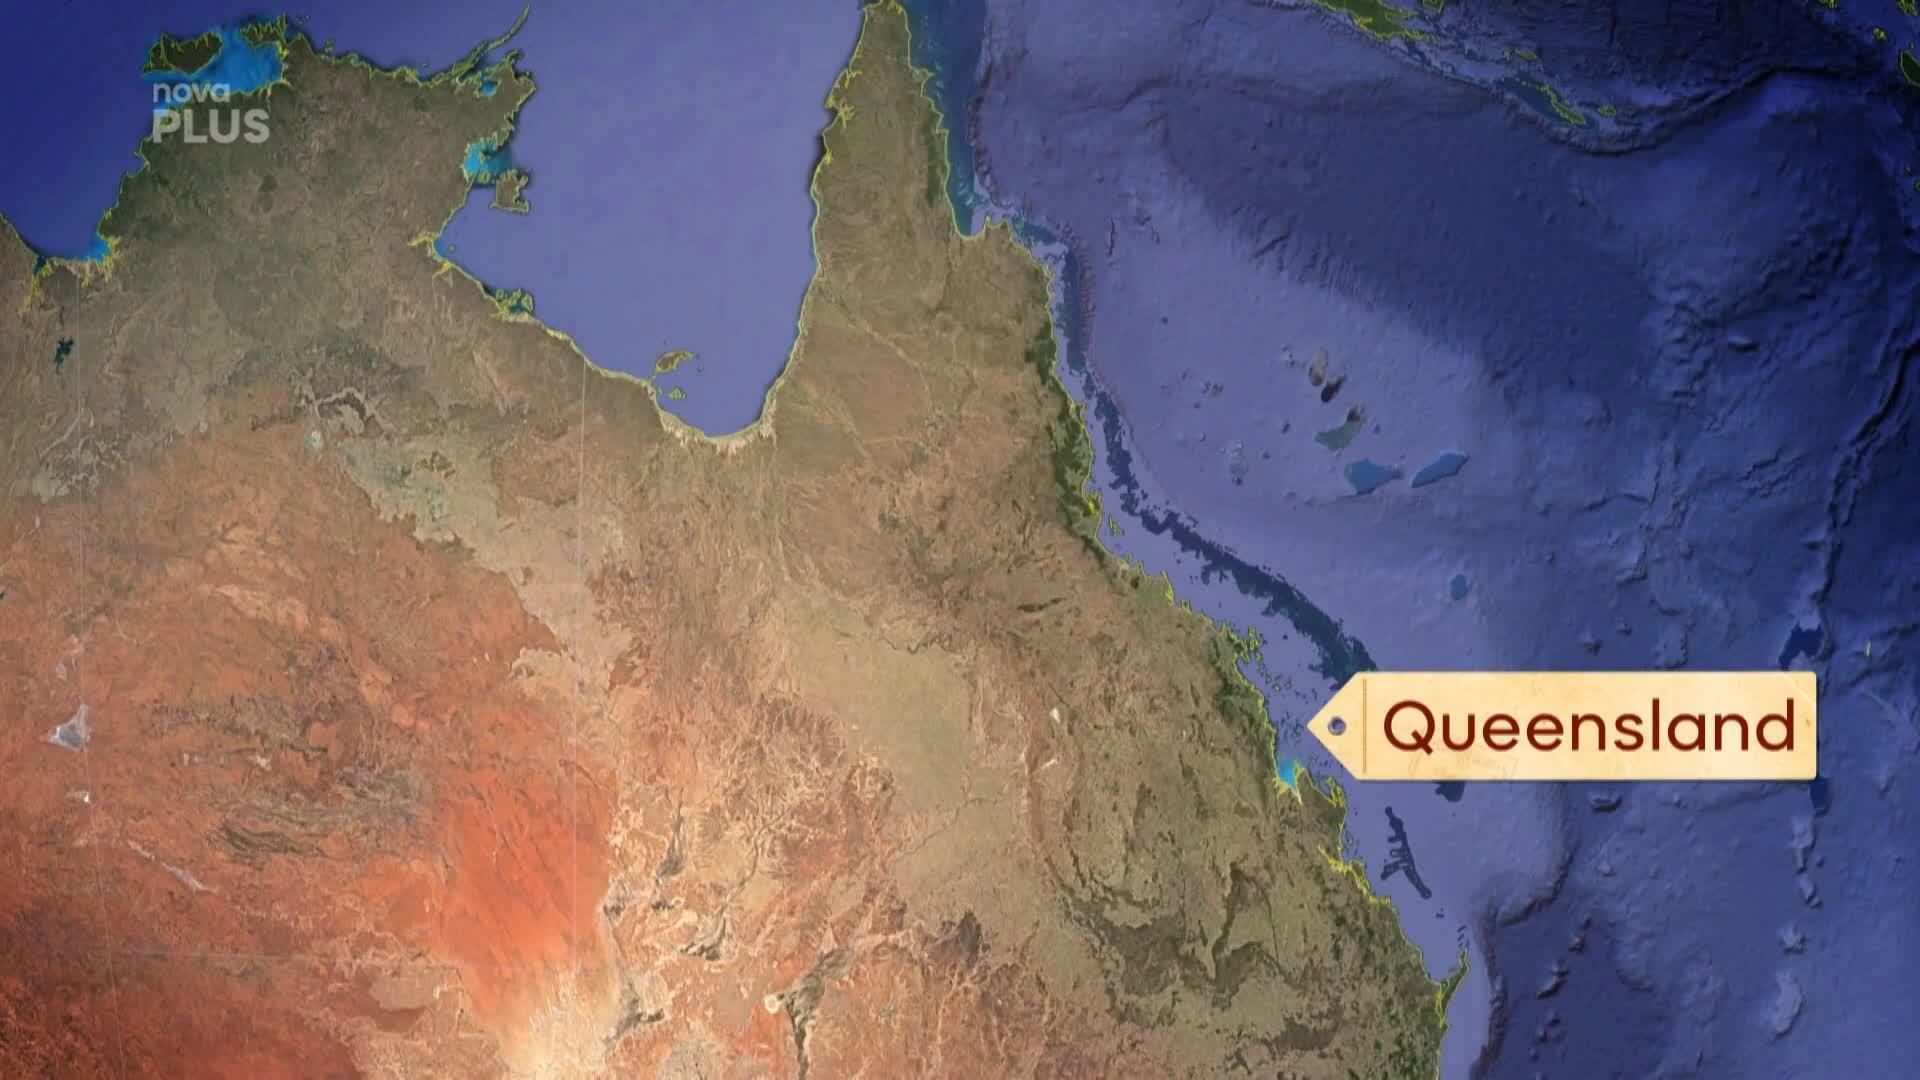 Energie z výkalů: Australští vědci přišli s nevídaným nápadem